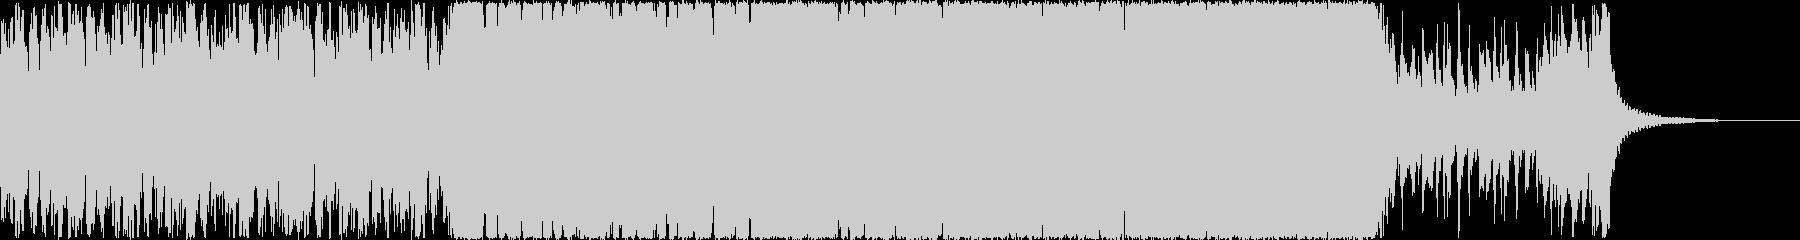 勇壮なオーケストライメージの戦闘の未再生の波形